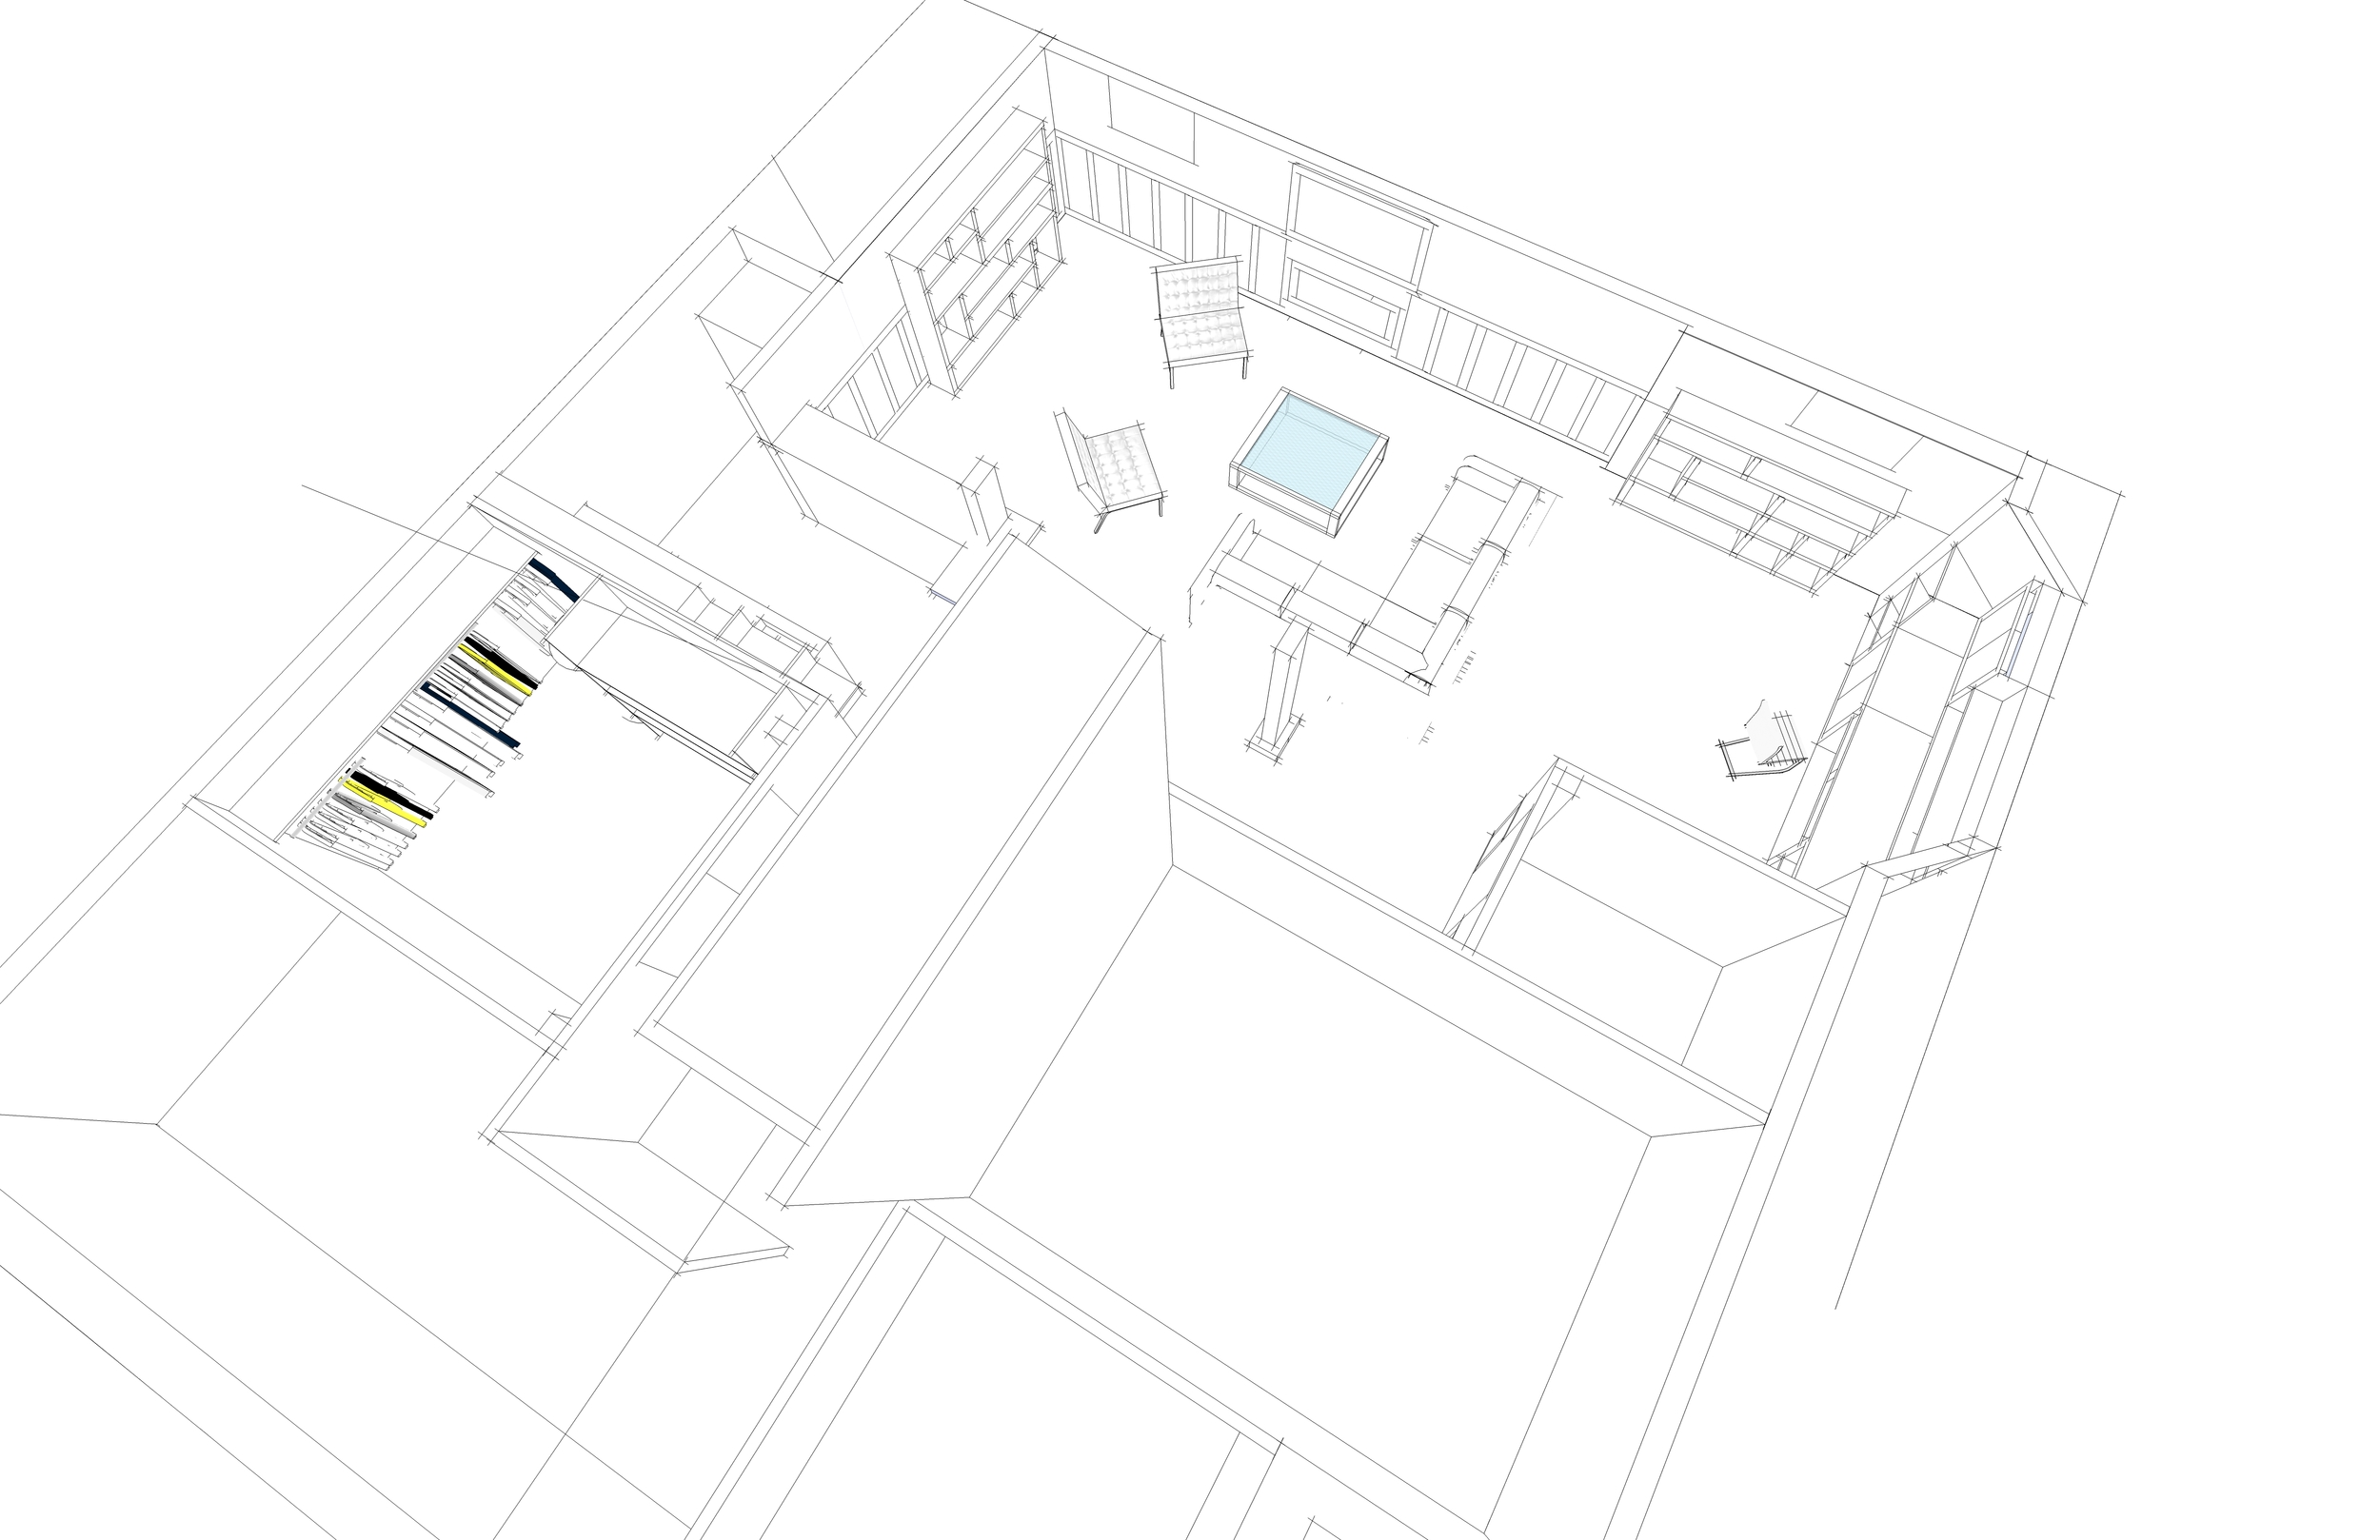 3D modeling - proposed basement design